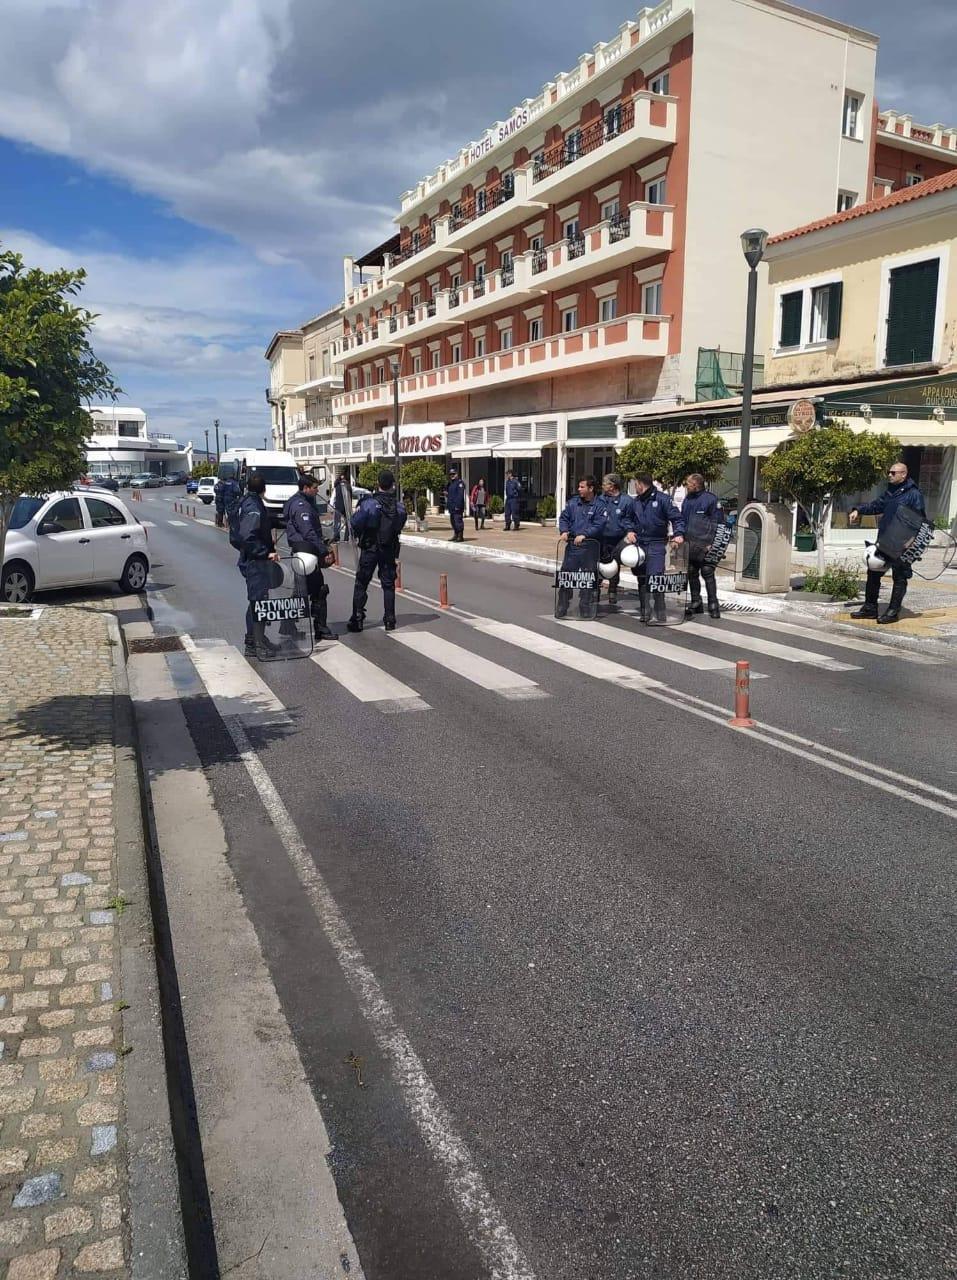 Η Αστυνομία απέκλεισε το δρόμο μπροστά από το ξενοδοχείο που μένει ο Δημήτρης Βίτσας